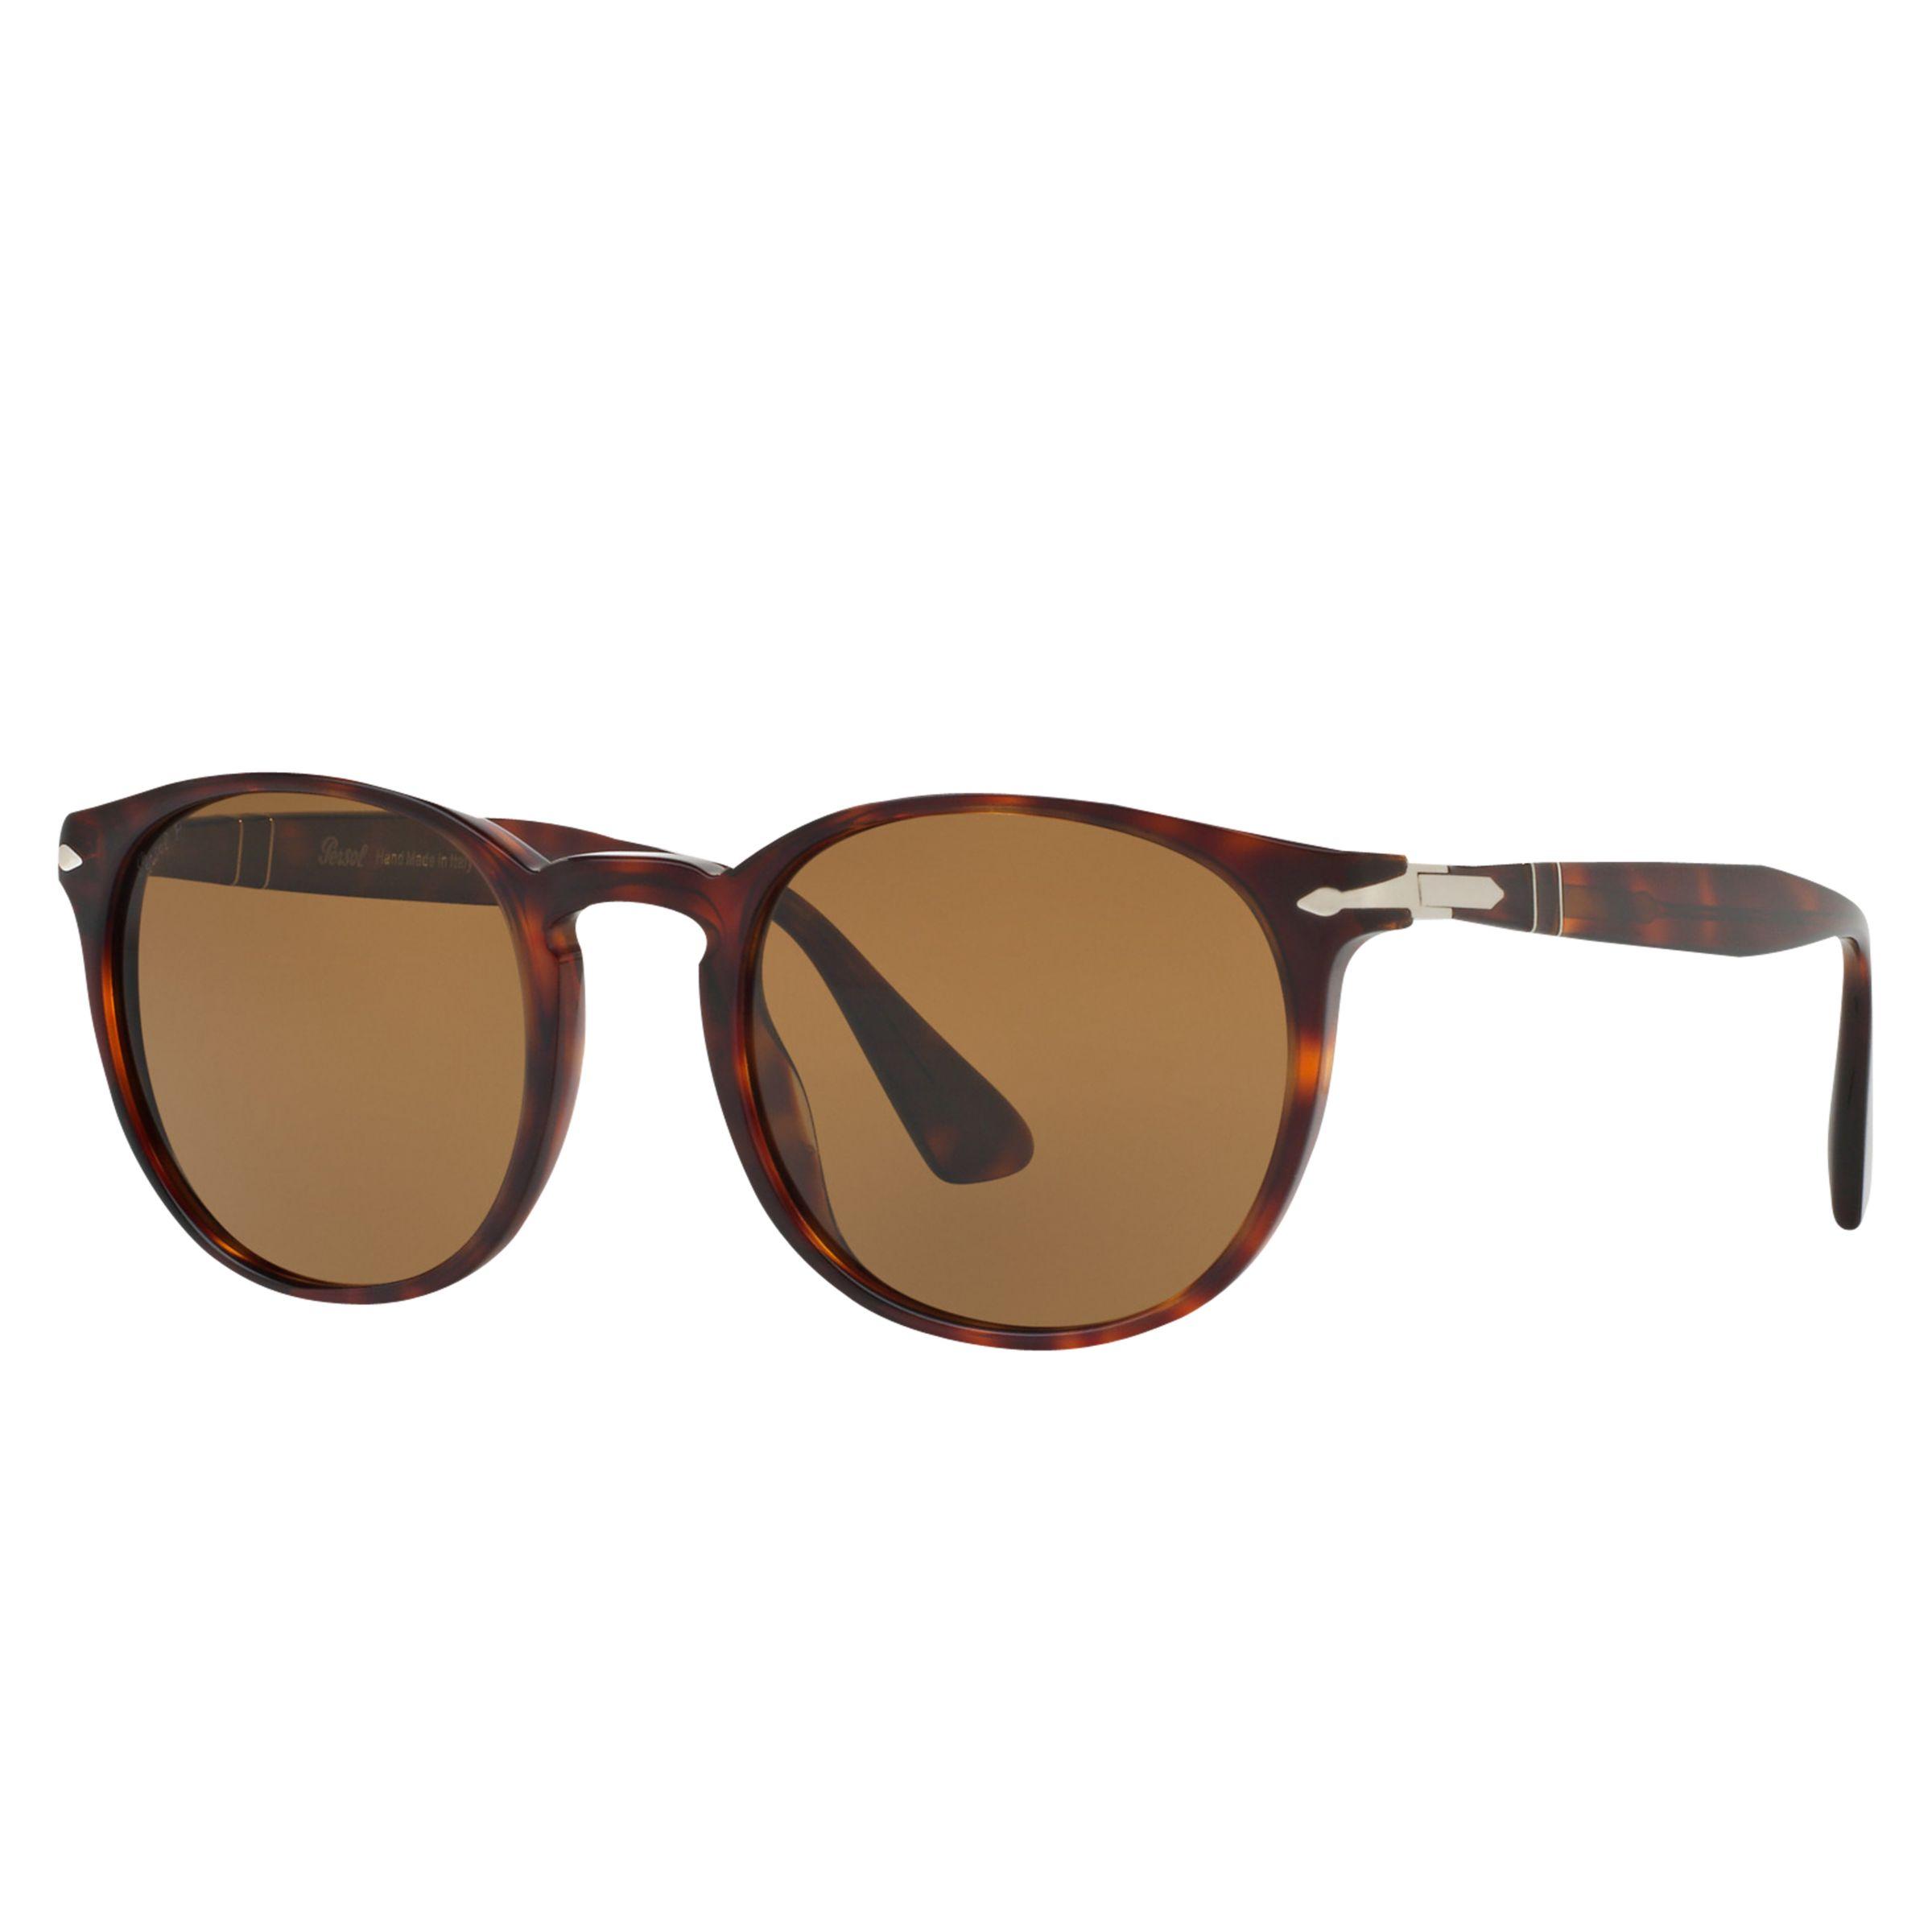 Persol Persol PO3157S Polarised Oval Sunglasses